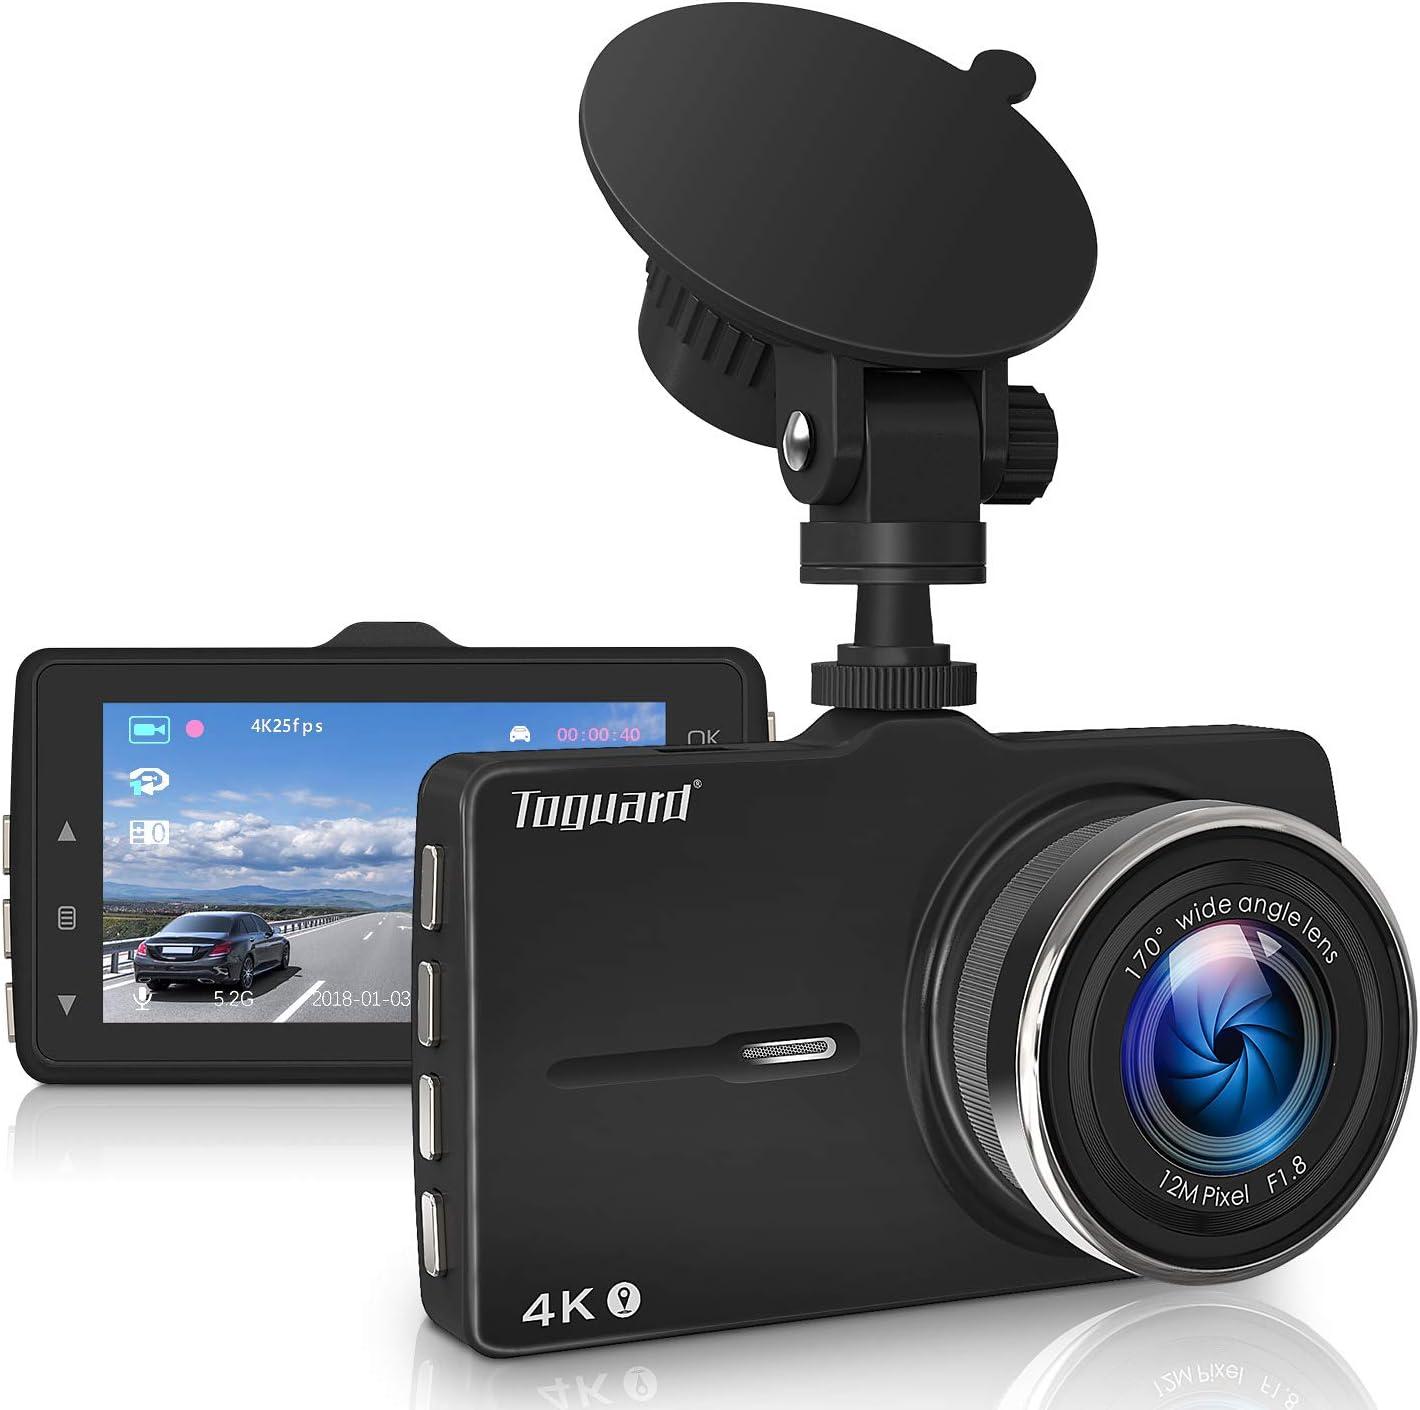 TOGUARD 4K Dashcam Voiture Enregistreur de Conduite Ultra HD 3 pouces Dash-Cam pour voiture 170 degr/és Angle Voiture Cam/éra de Bord avec G capteur Cam/éra de Voiture WDR D/étection de Mouvement